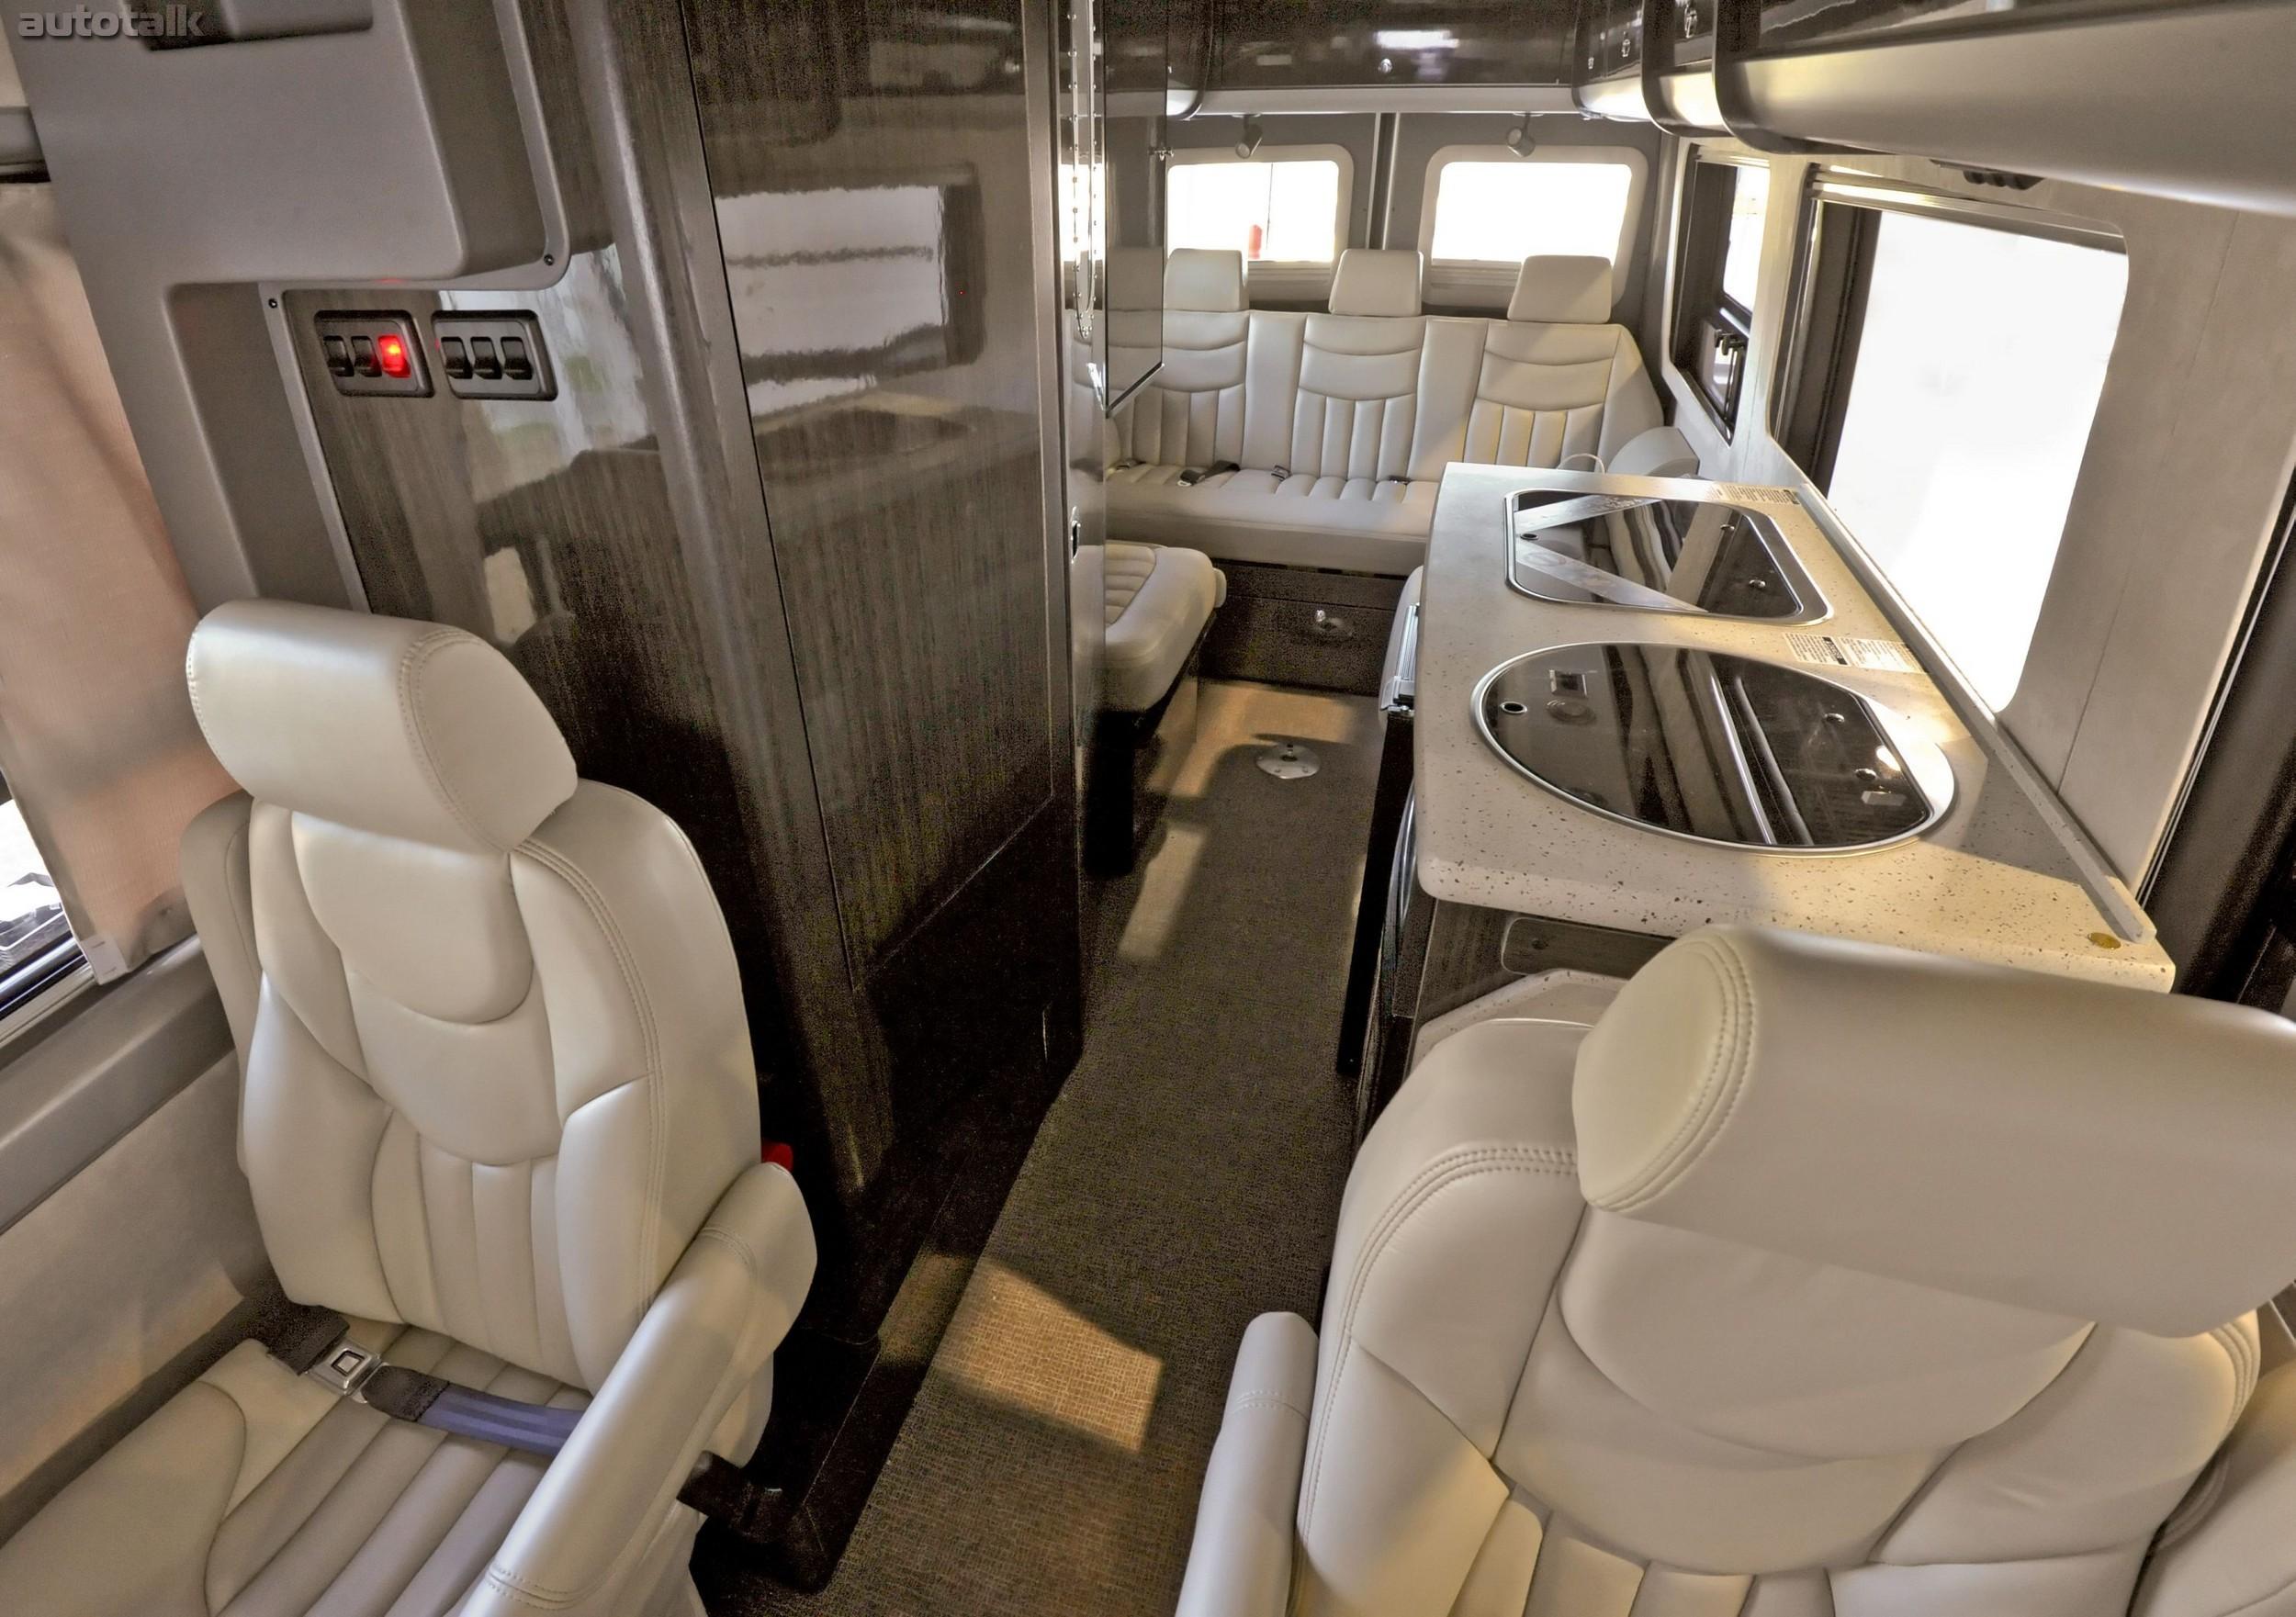 2010 Mercedes Benz Sprinter Airstream Interstate 3500